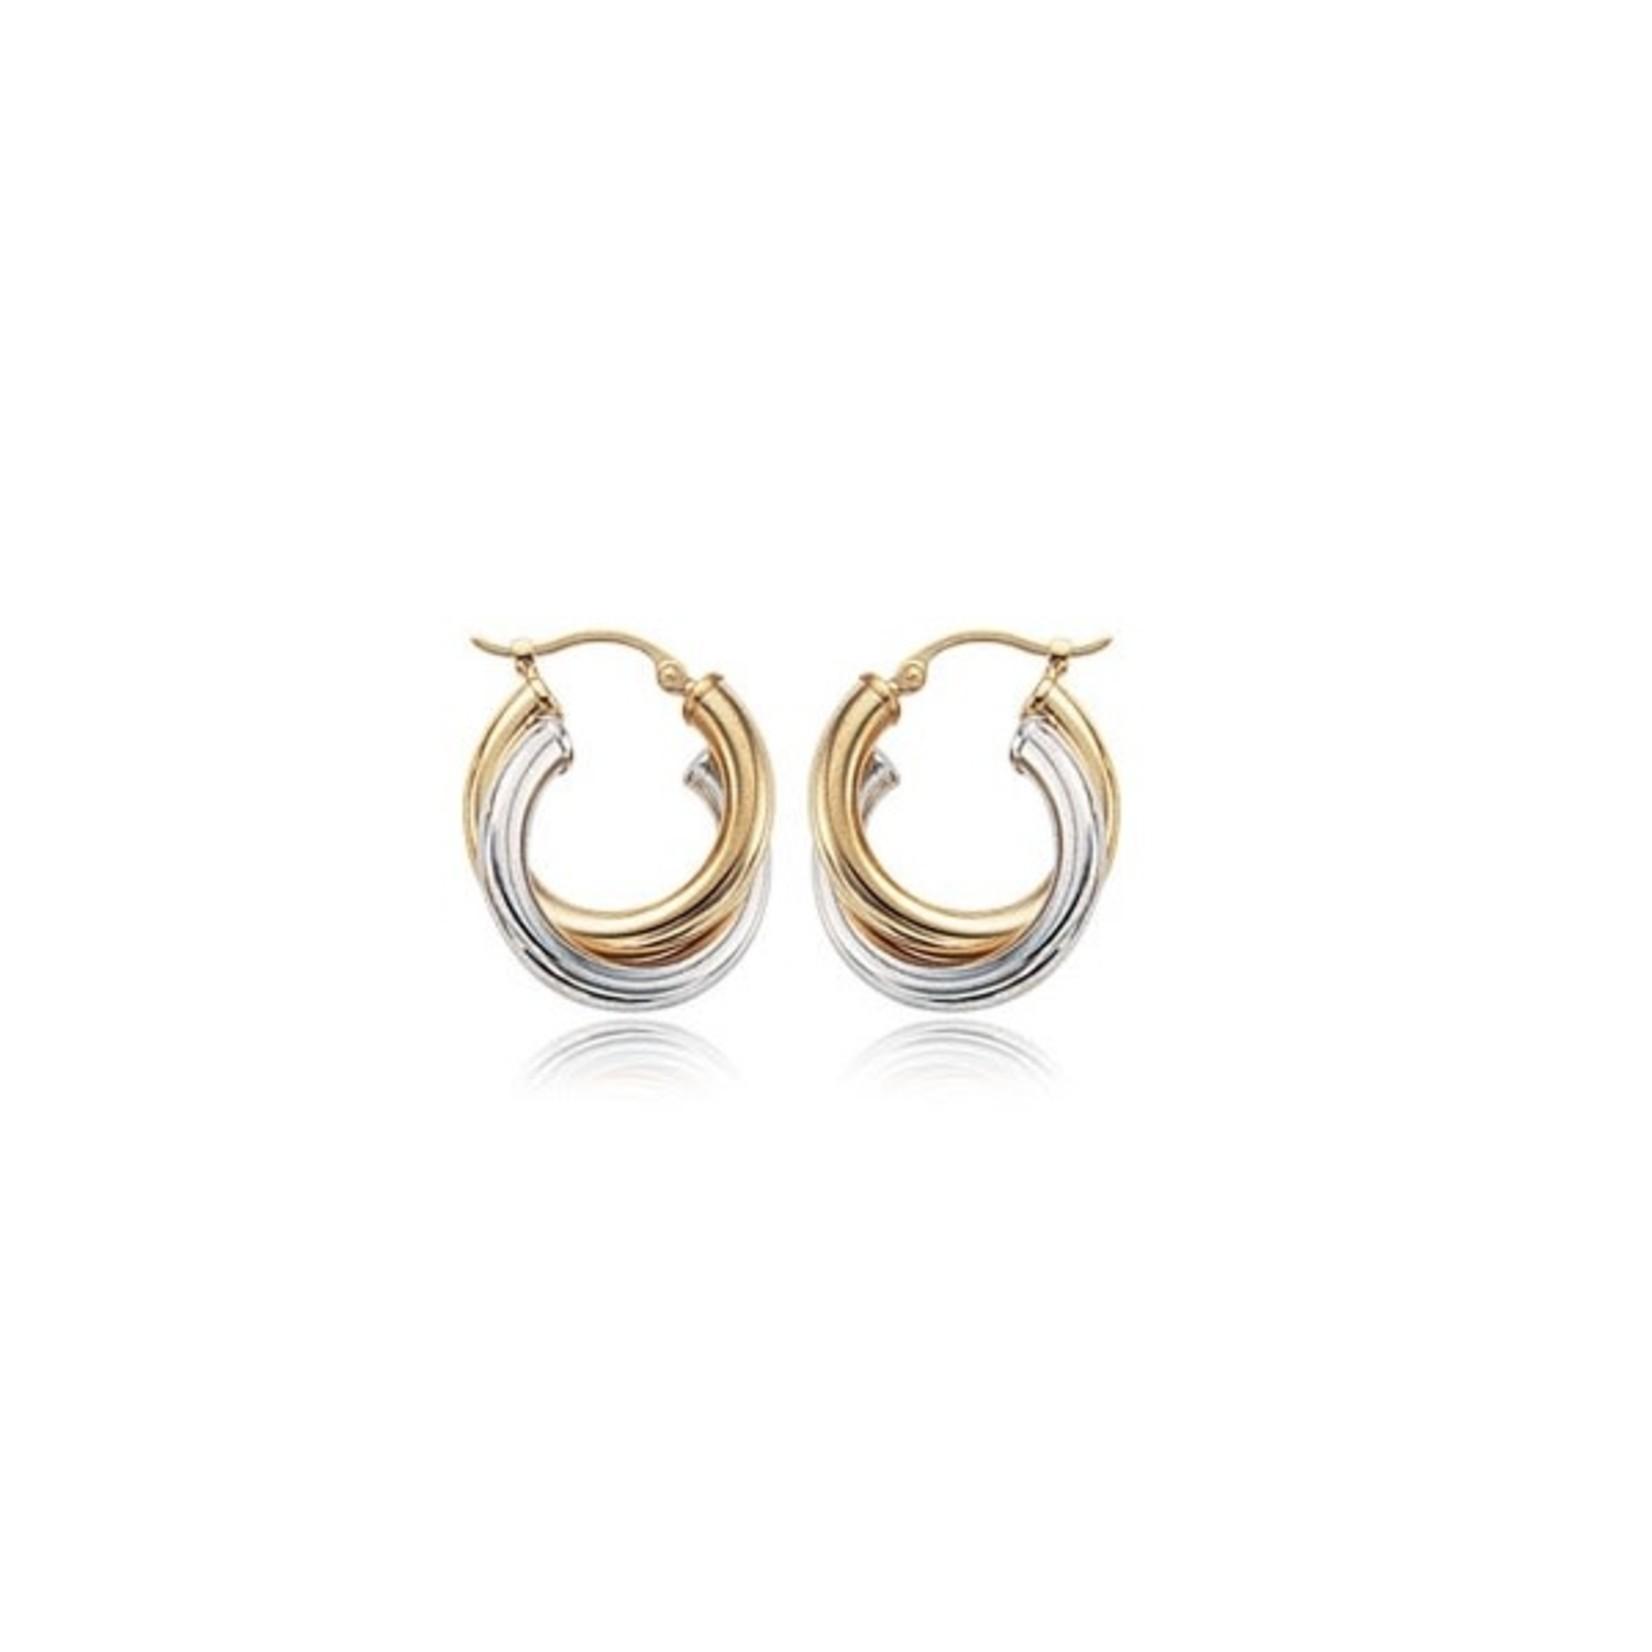 14K Two-Tone Hinged Hoop Earrings